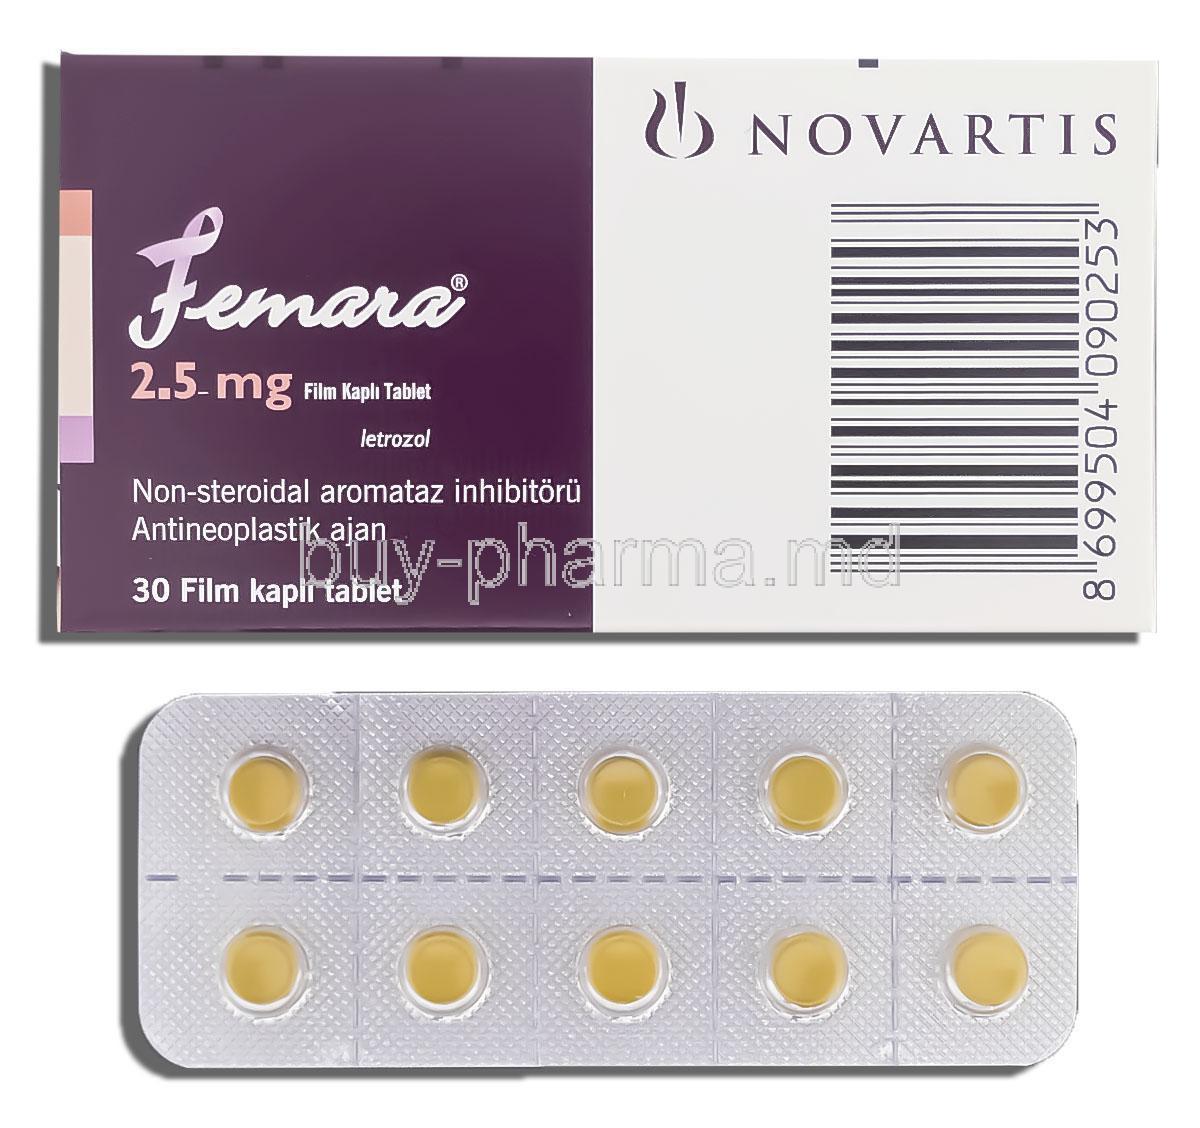 Femara online